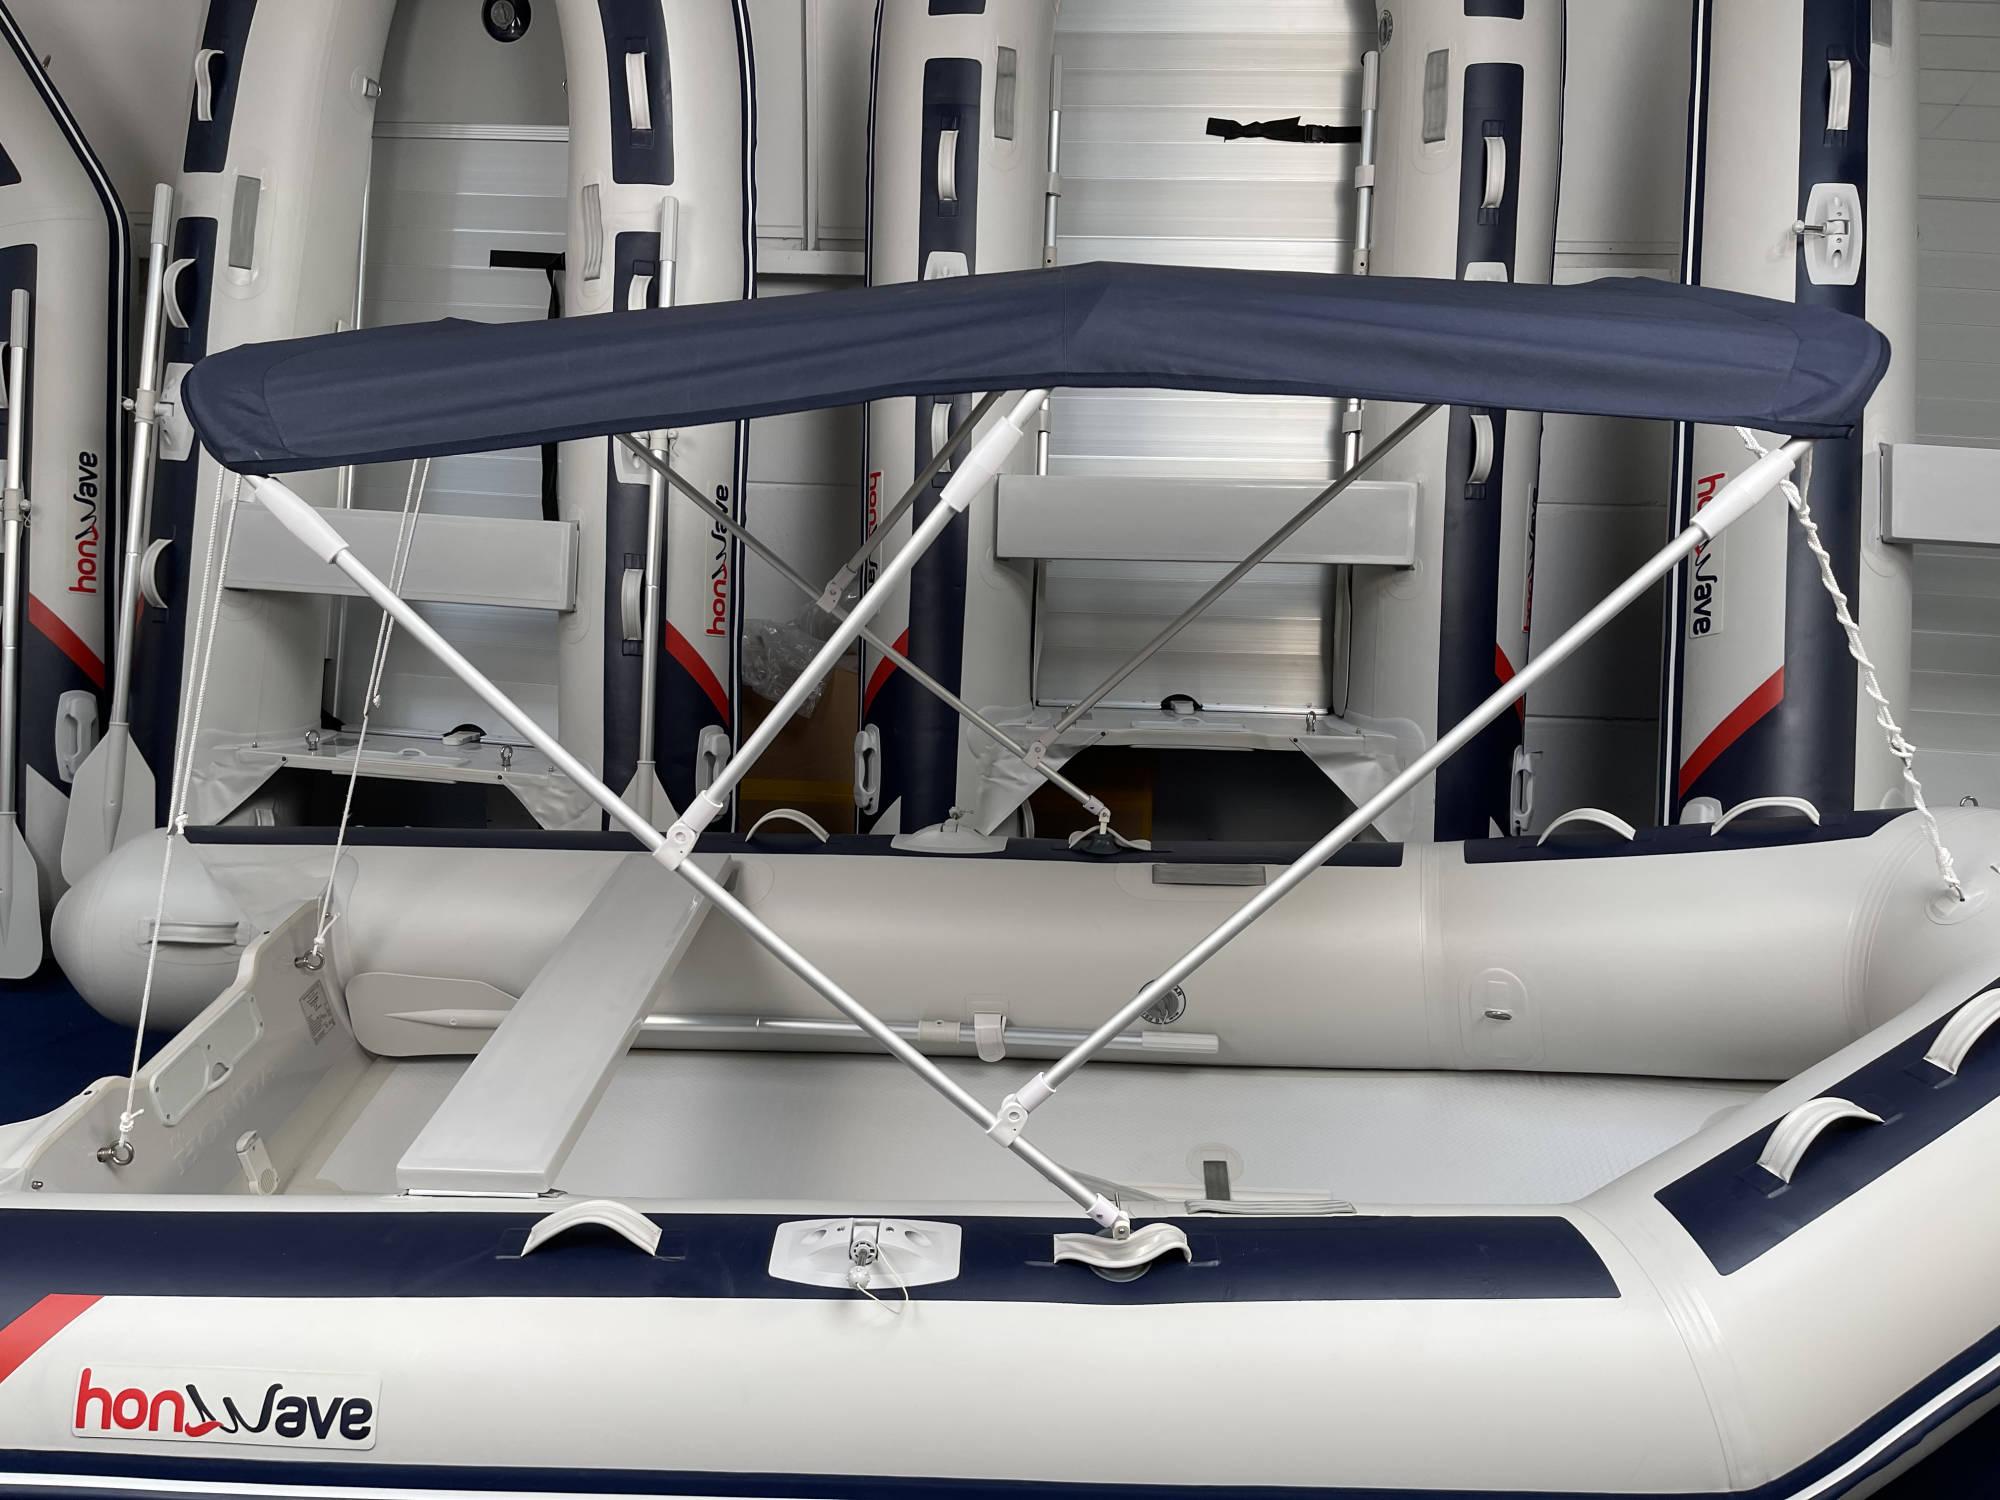 Ma-Sa Schlauchboot Sonnendach 130 cm breite mit drei Streben dunkelblau